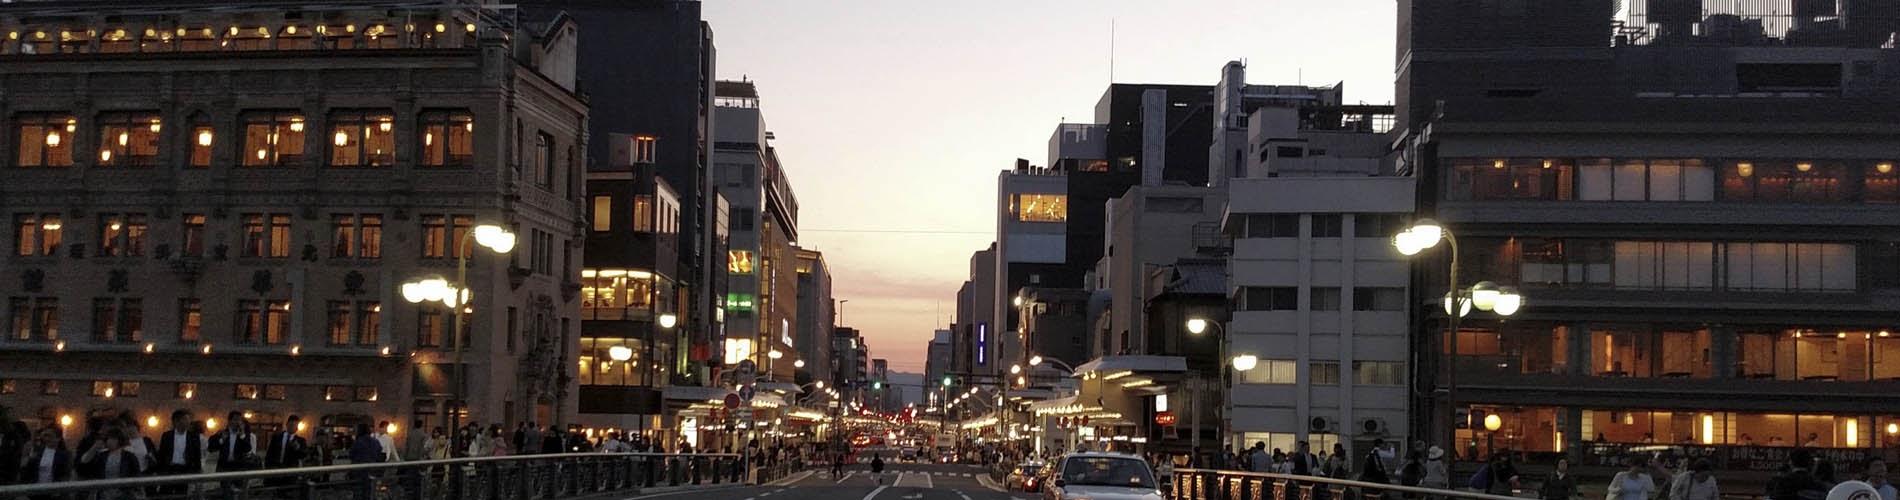 Calle de una ciudad al atardecer, iluminada, con tráfico y transitada